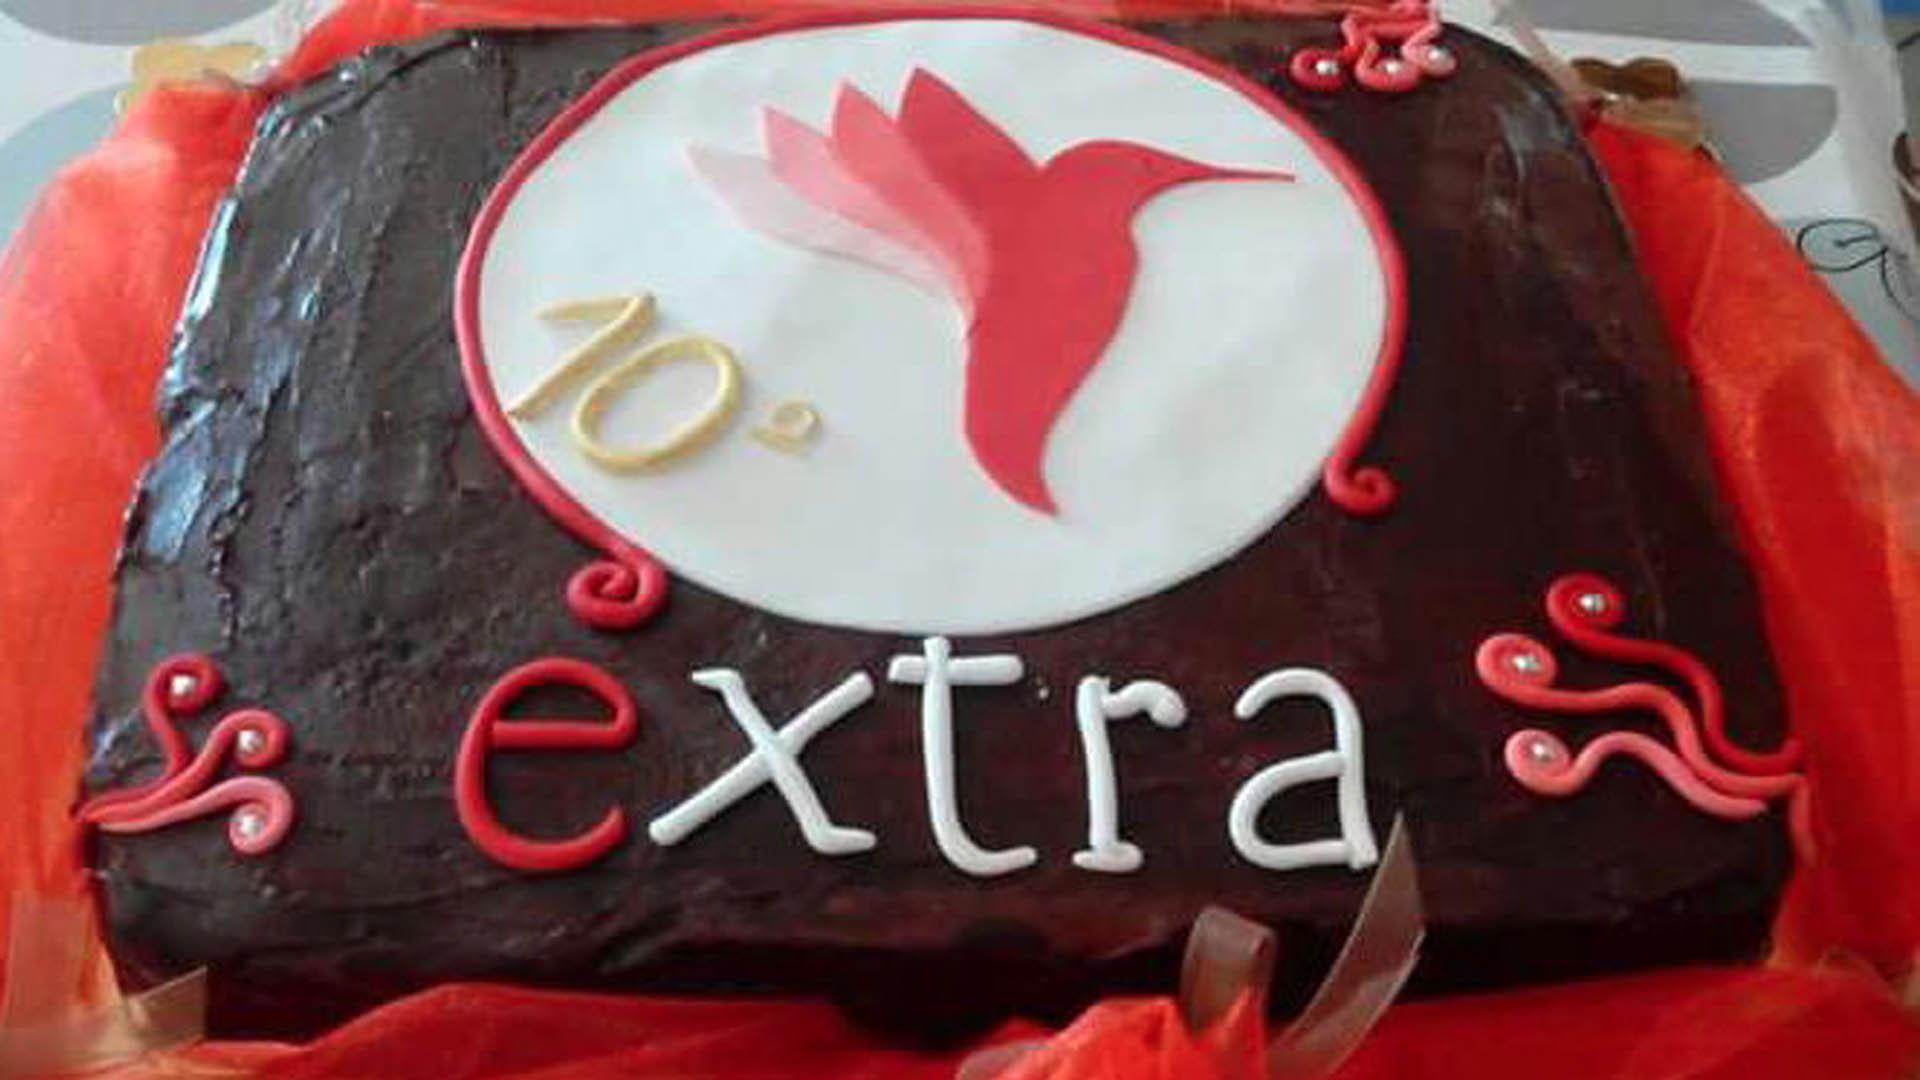 dolce per 10° aniversario di Extra